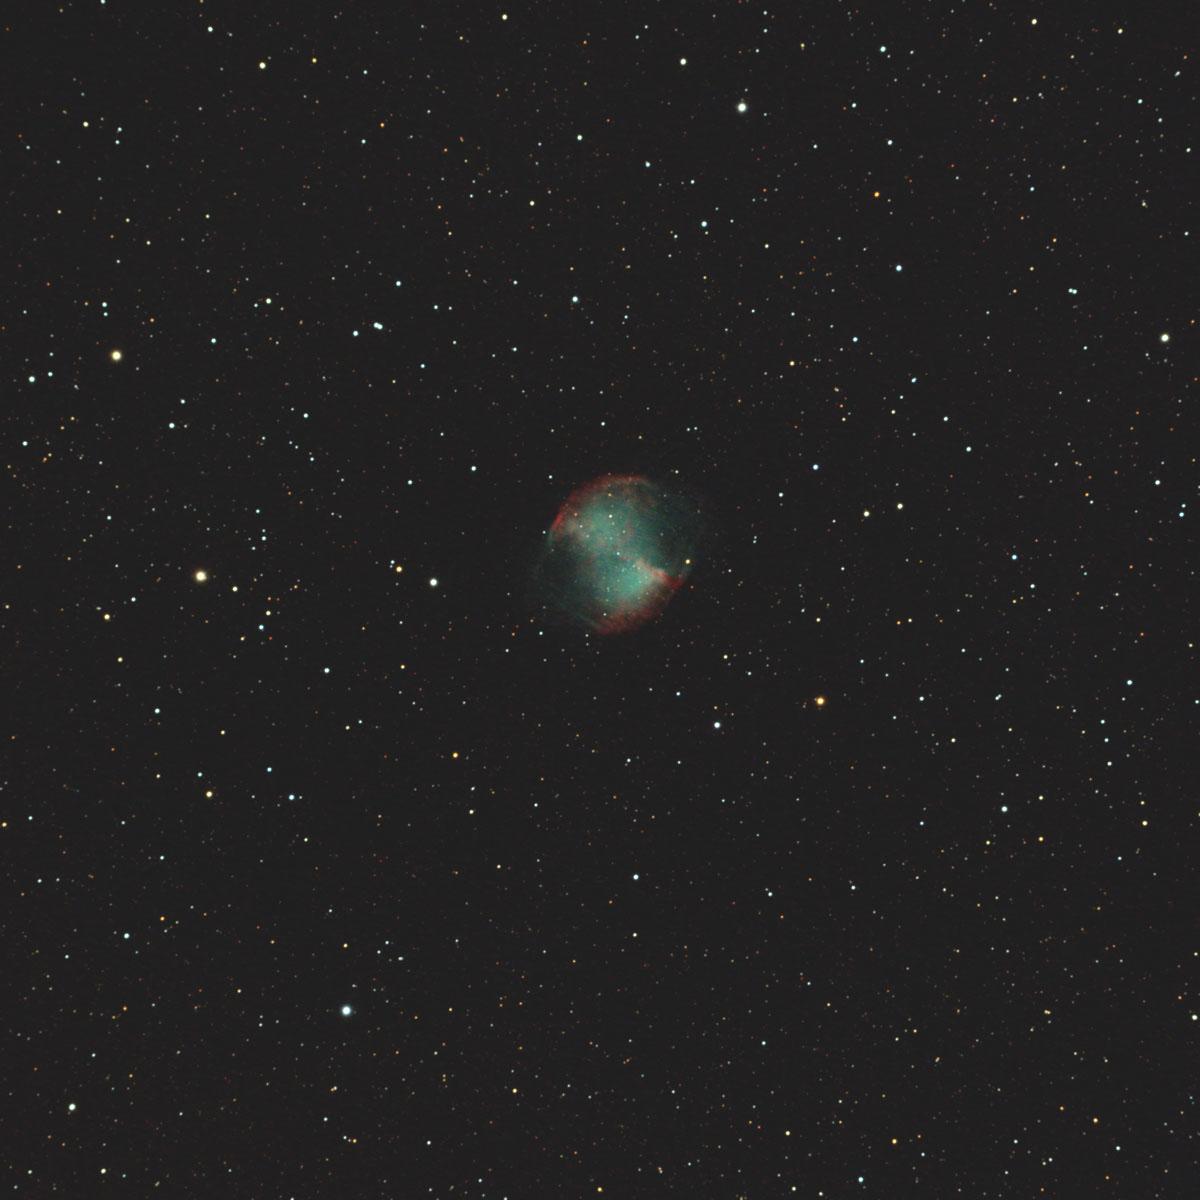 亜鈴状星雲